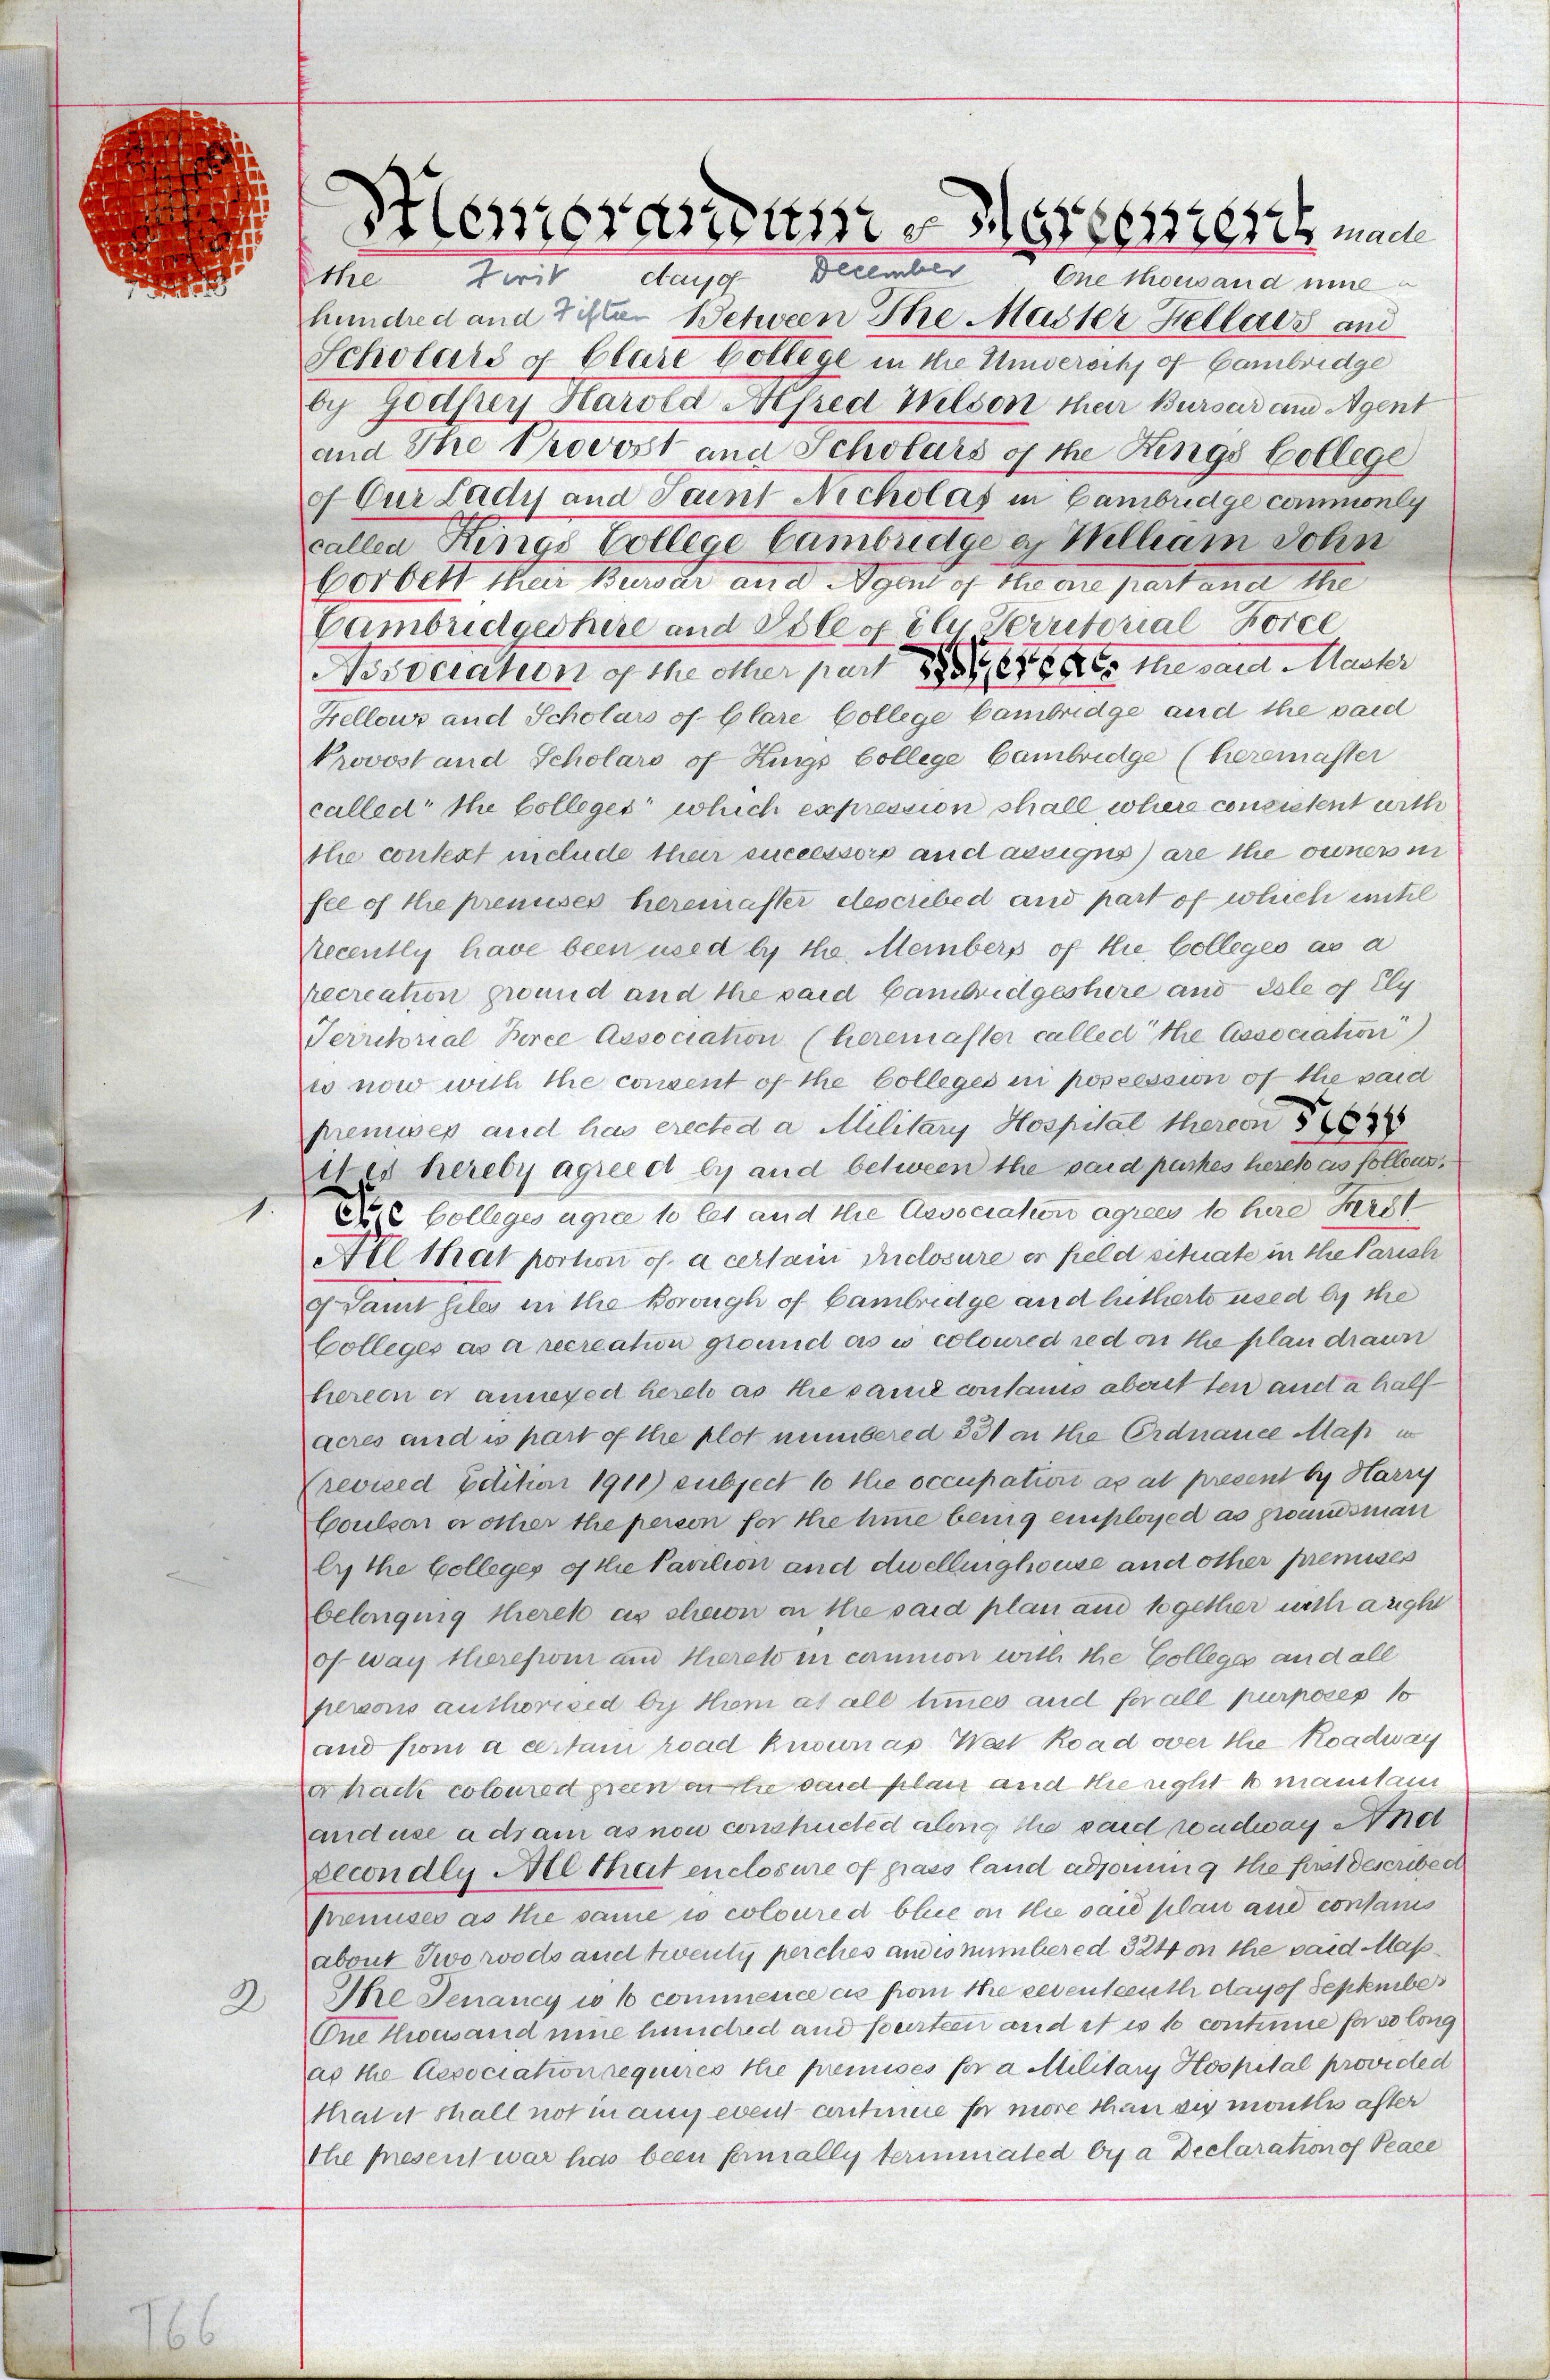 Memorandum of Agreement (duplicate), 1 December 1915, page 1 (KCAR/3/1/1/8/31)